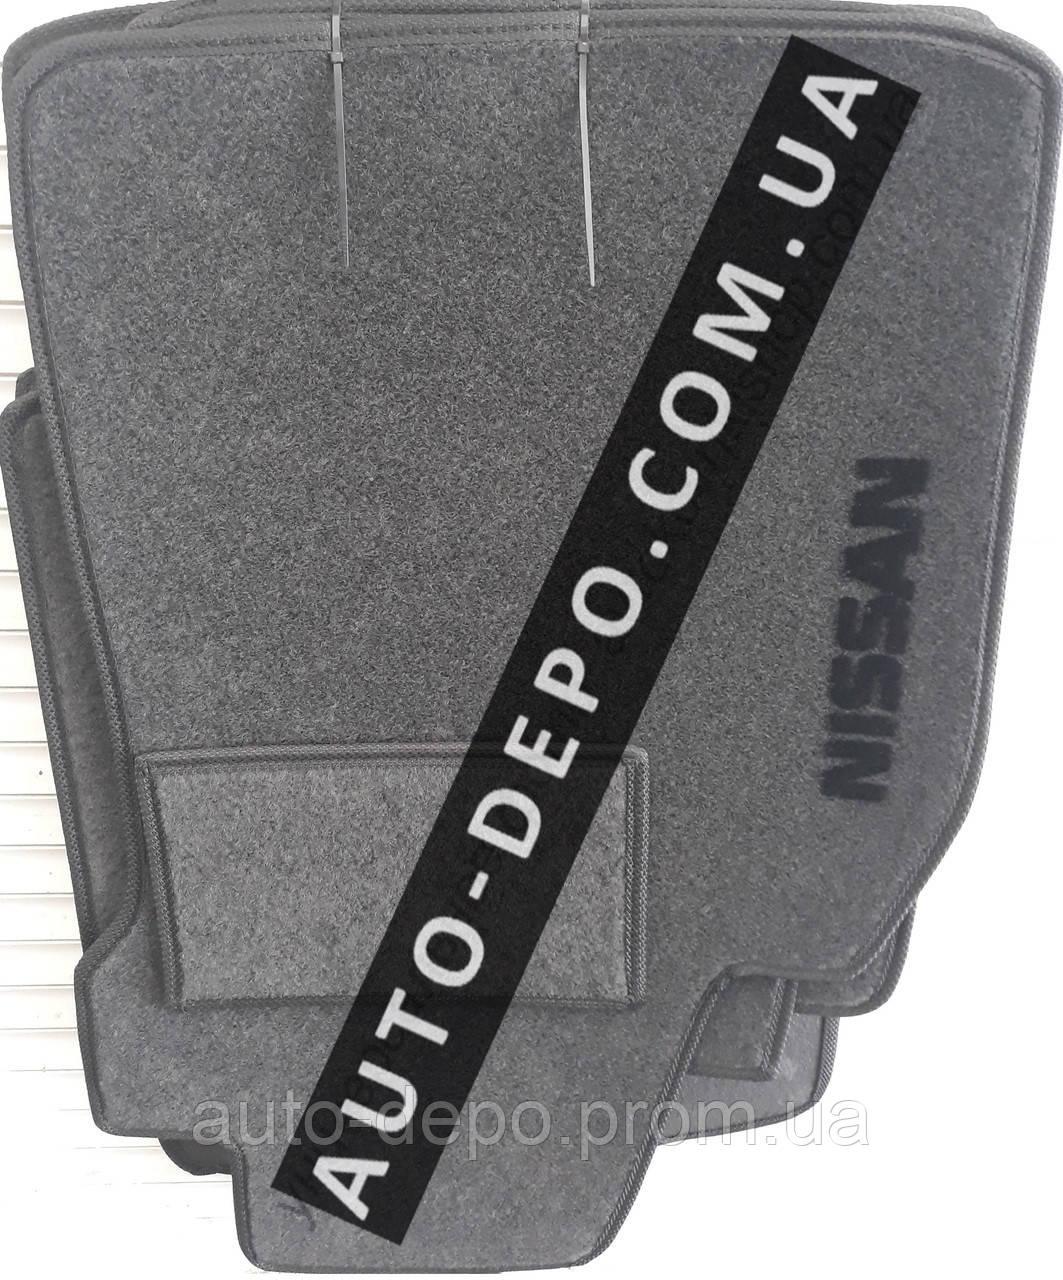 Килимки ворсові Nissan Juke 2010 - VIP ЛЮКС АВТО-ВОРС